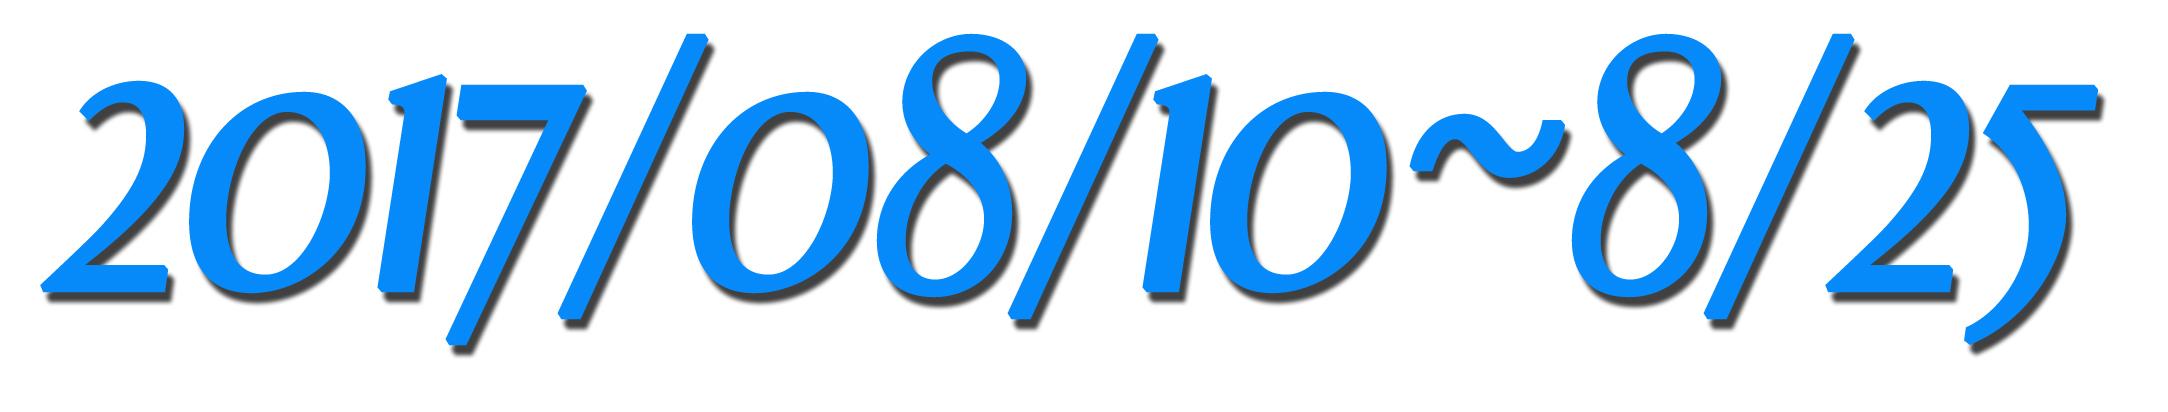 2017080815581318382.jpg